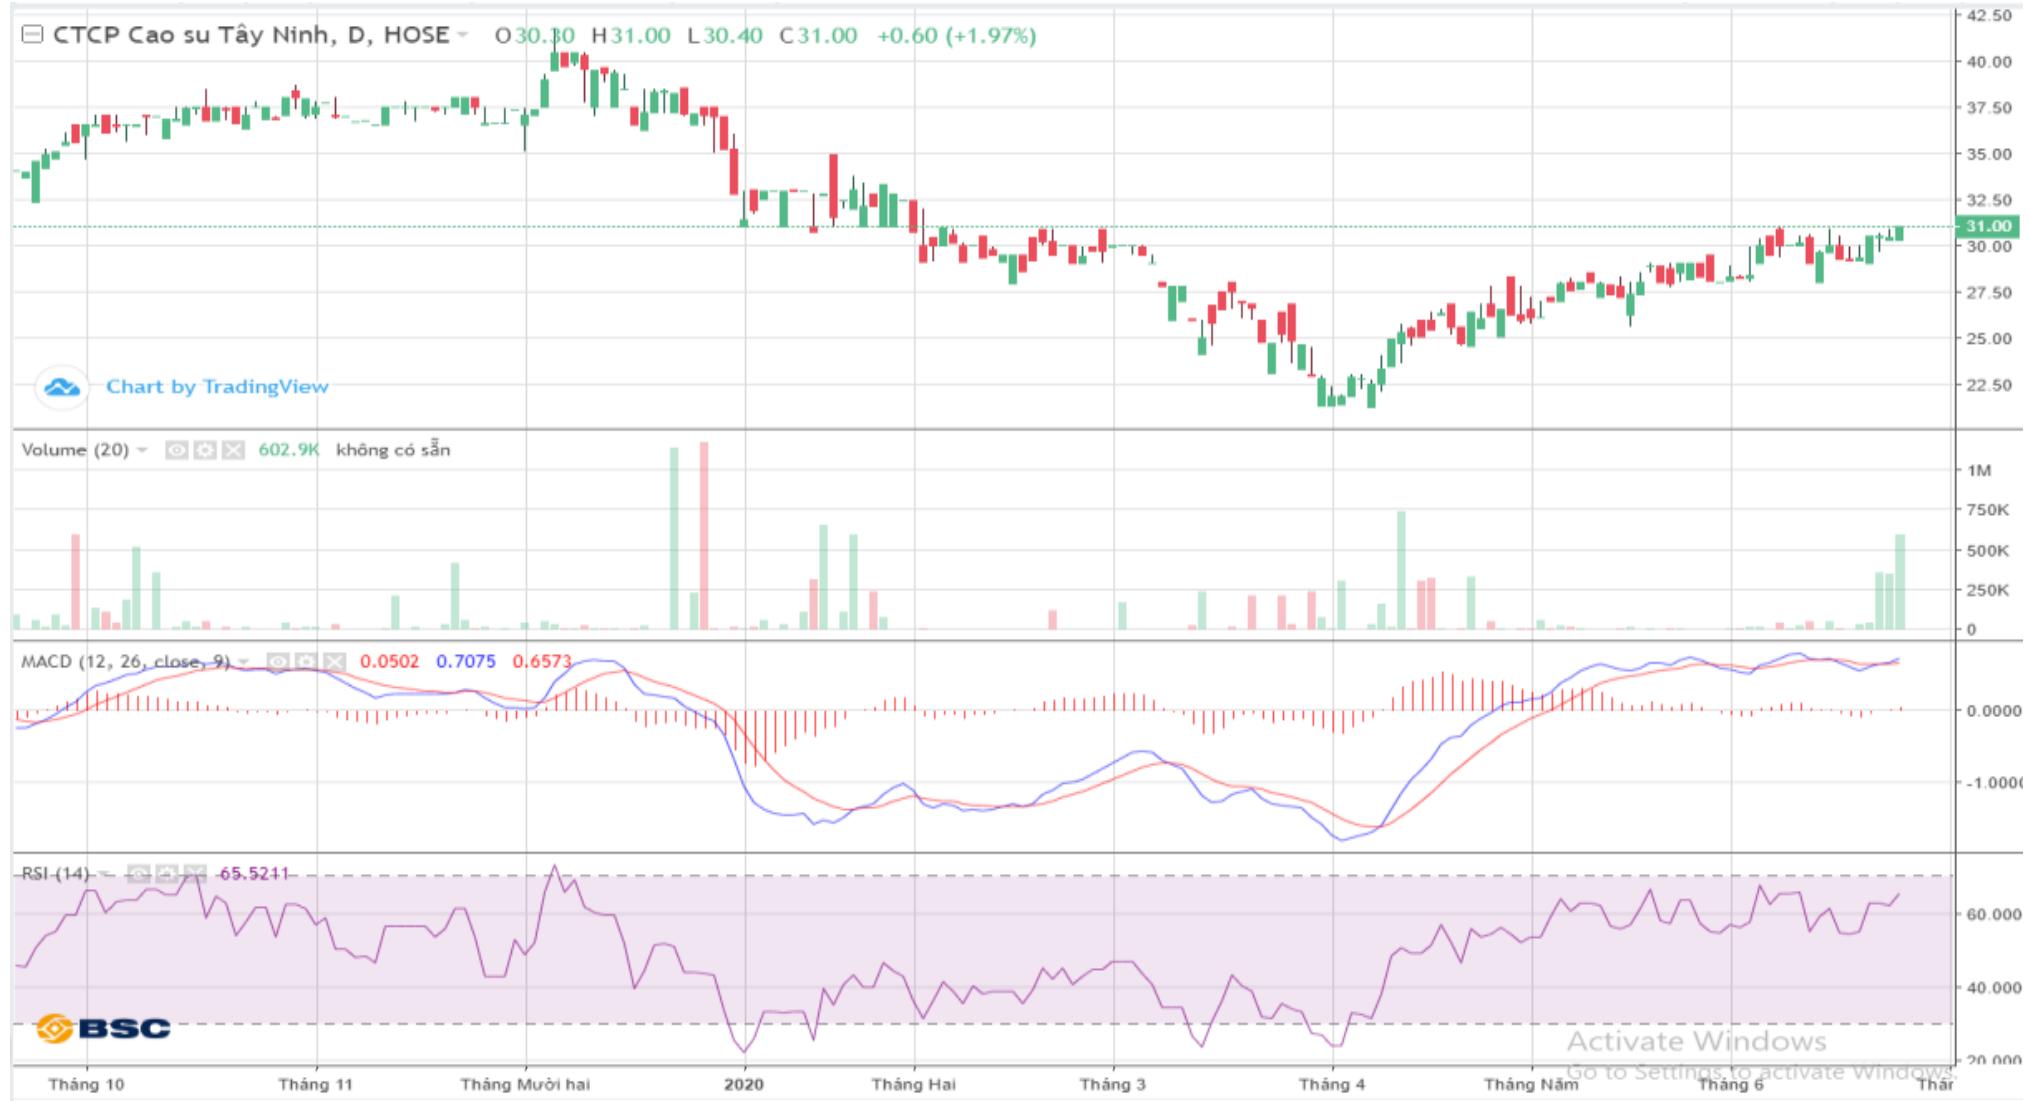 Cổ phiếu tâm điểm ngày 25/6: NLG, TRC, PET, SHS - Ảnh 2.